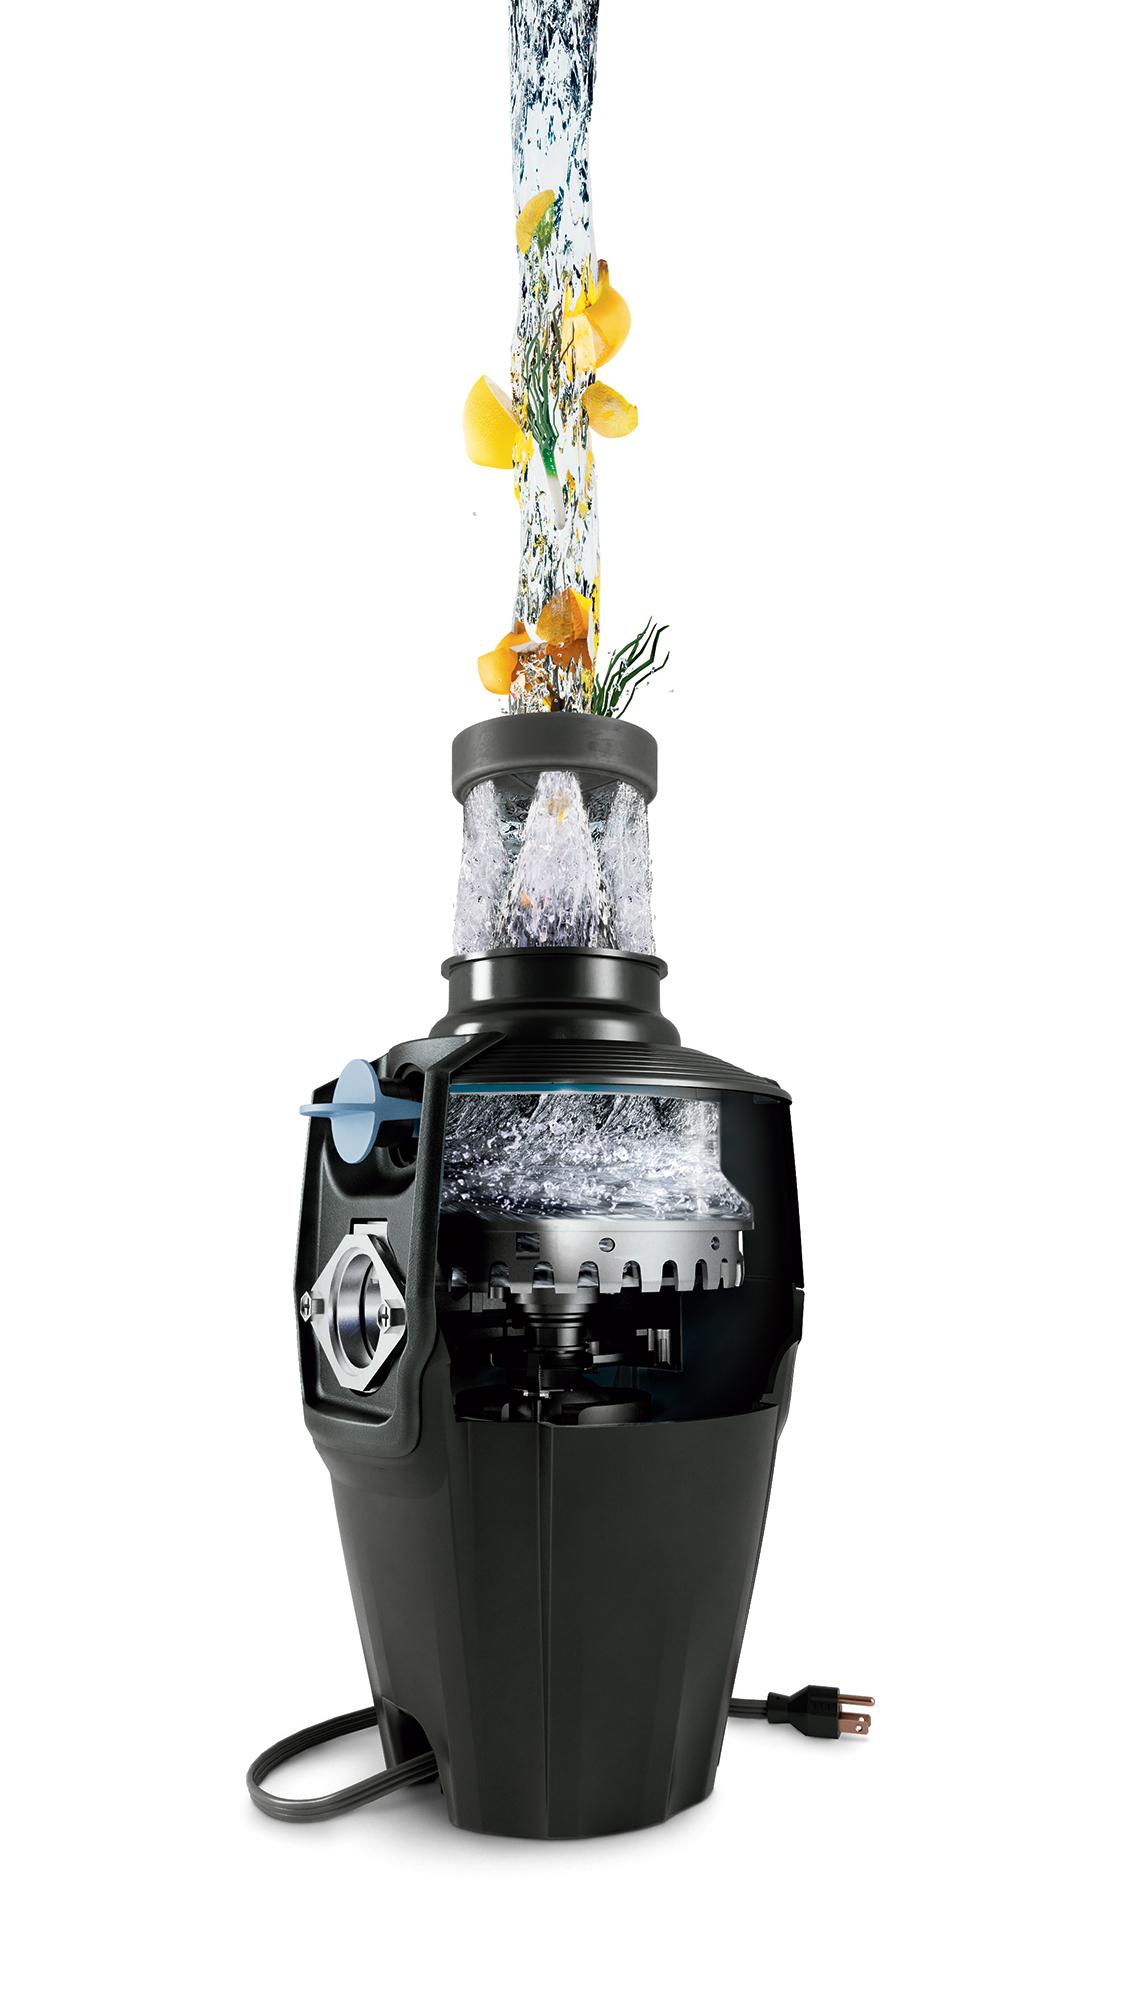 Máy xay rác cho chậu rửa công suất 1/2 mã lực điều khiển từ xa EX50MCL4/6